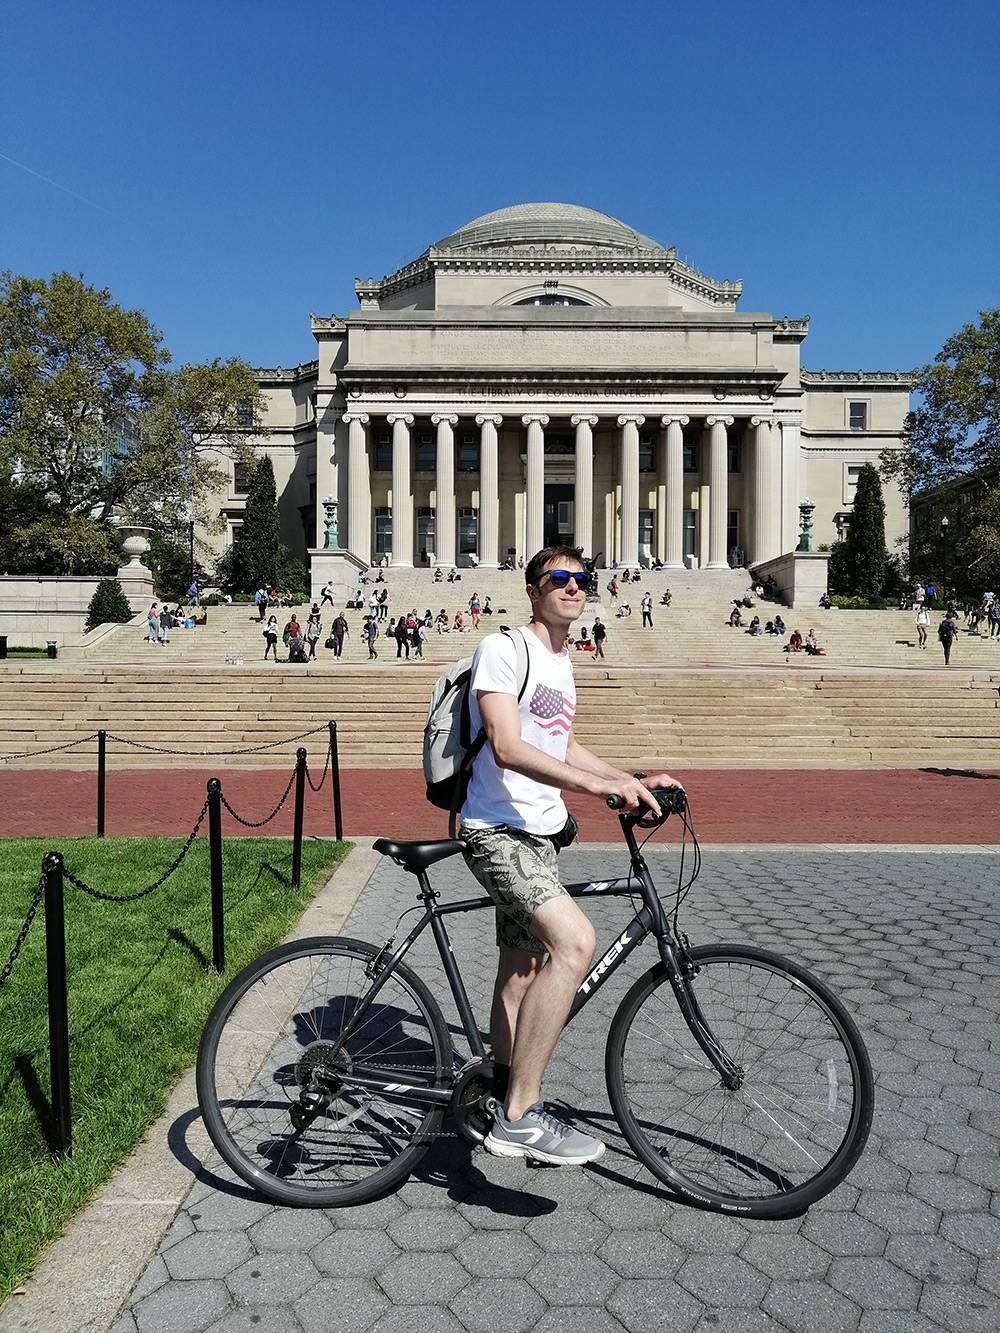 Обходить Центральный парк в Нью-Йорке пешком слишком долго, поэтому мы арендовали велосипеды. За 4 часа проката заплатили 40$. За это время успели объехать Центральный парк и ближайшие к нему улицы. Фото сделано у Колумбийского университета